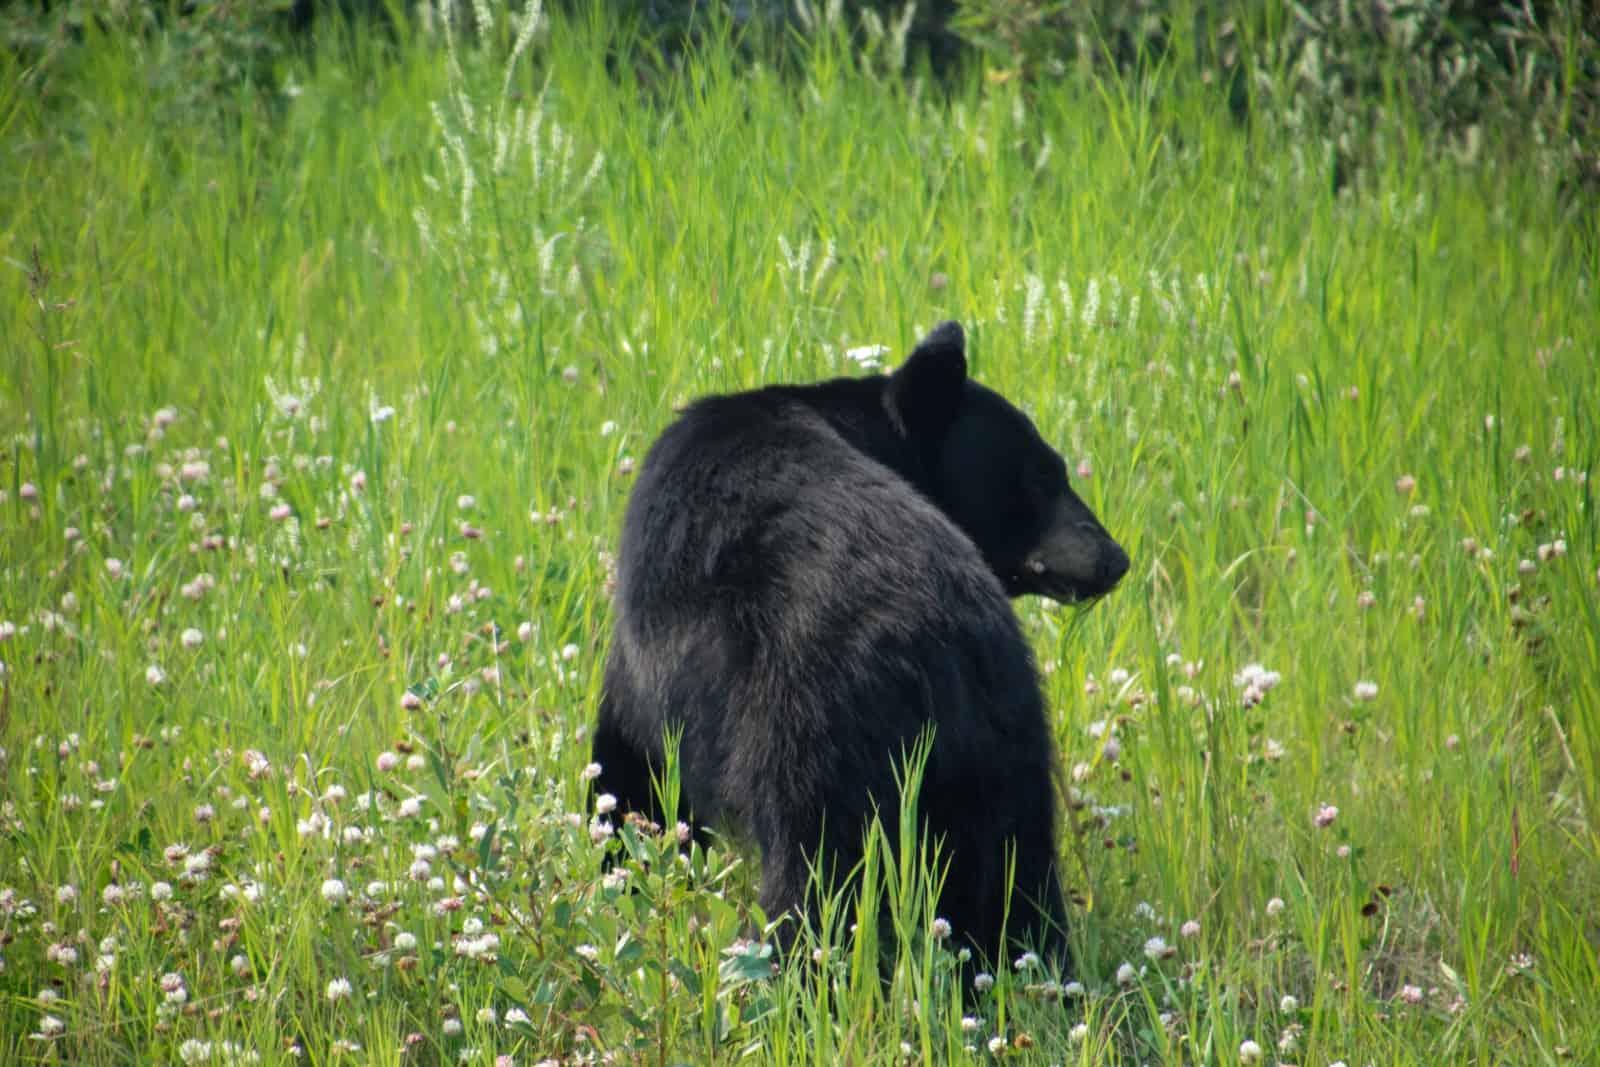 Die Flora und Fauna des Nordwesten Kanadas lässt einen tief beeindruckt staunen. Ein kleiner Schwarzbär frisst sich am Straßenrand seinen Winterspeck an. Foto Daniela Ganz